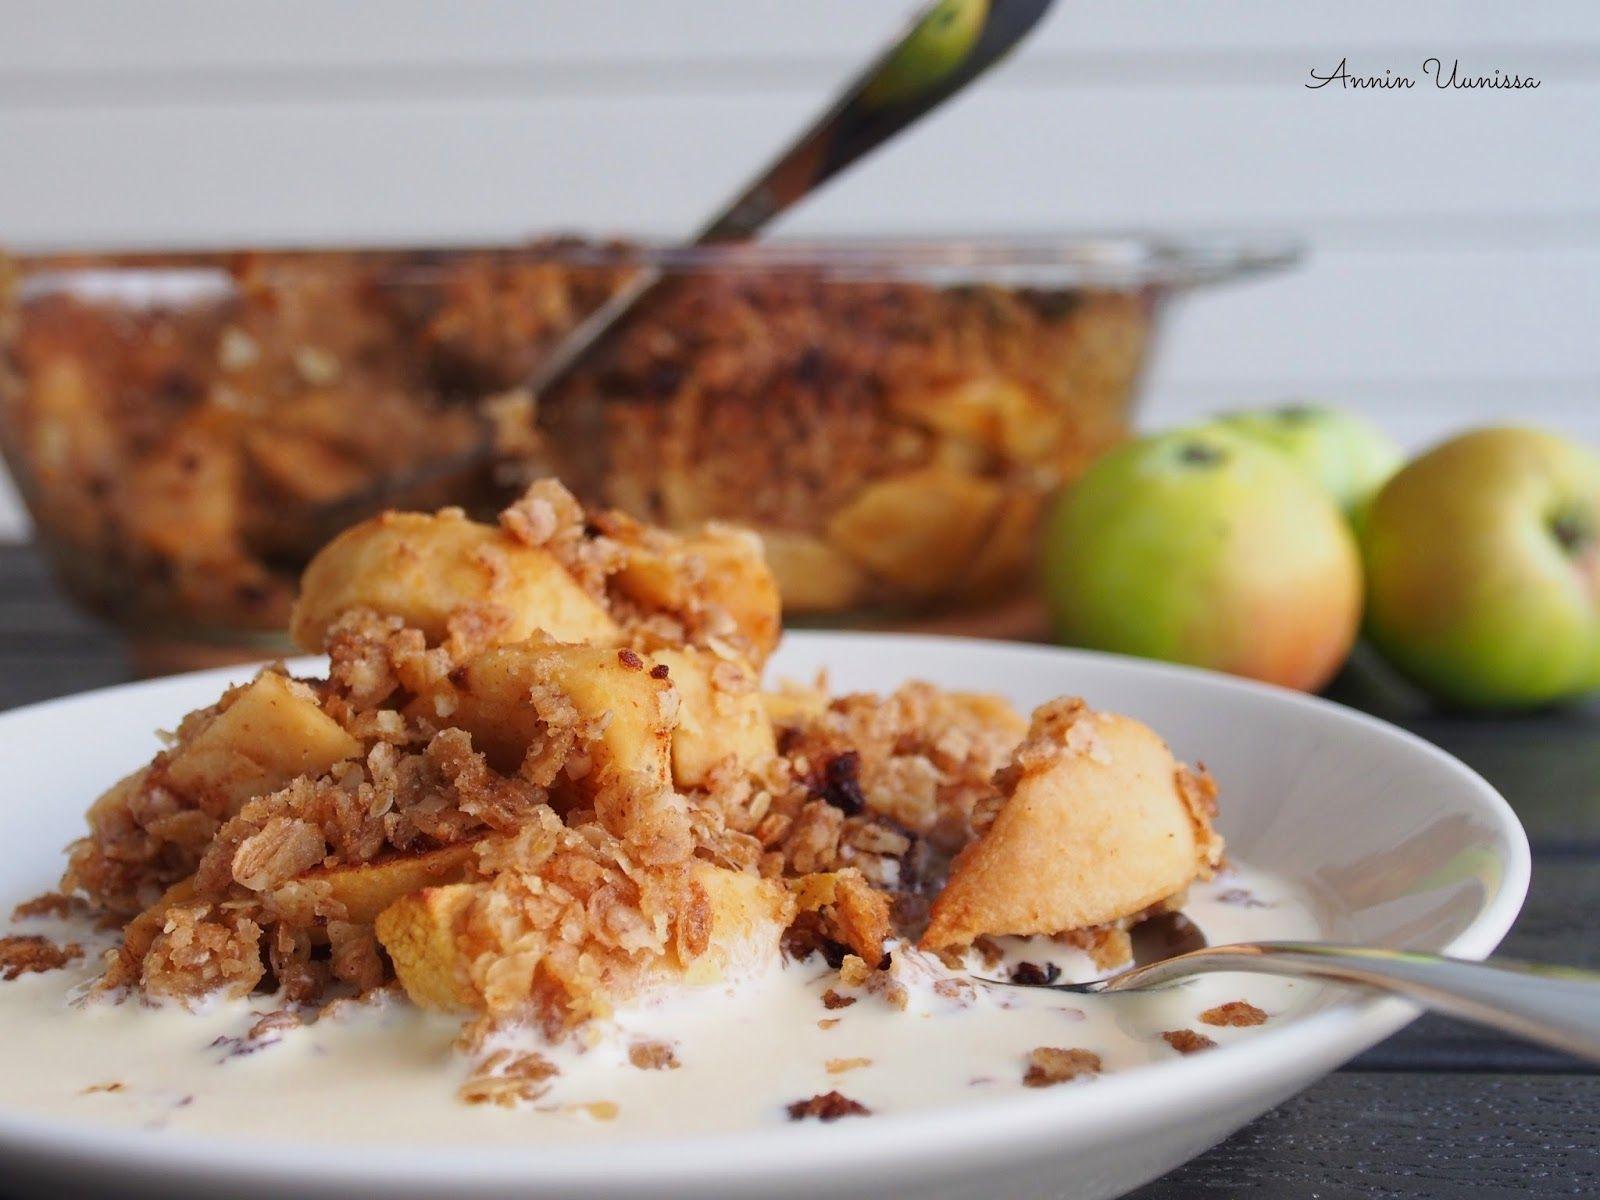 Annin Uunissa: Täysjyväinen Omenahyve